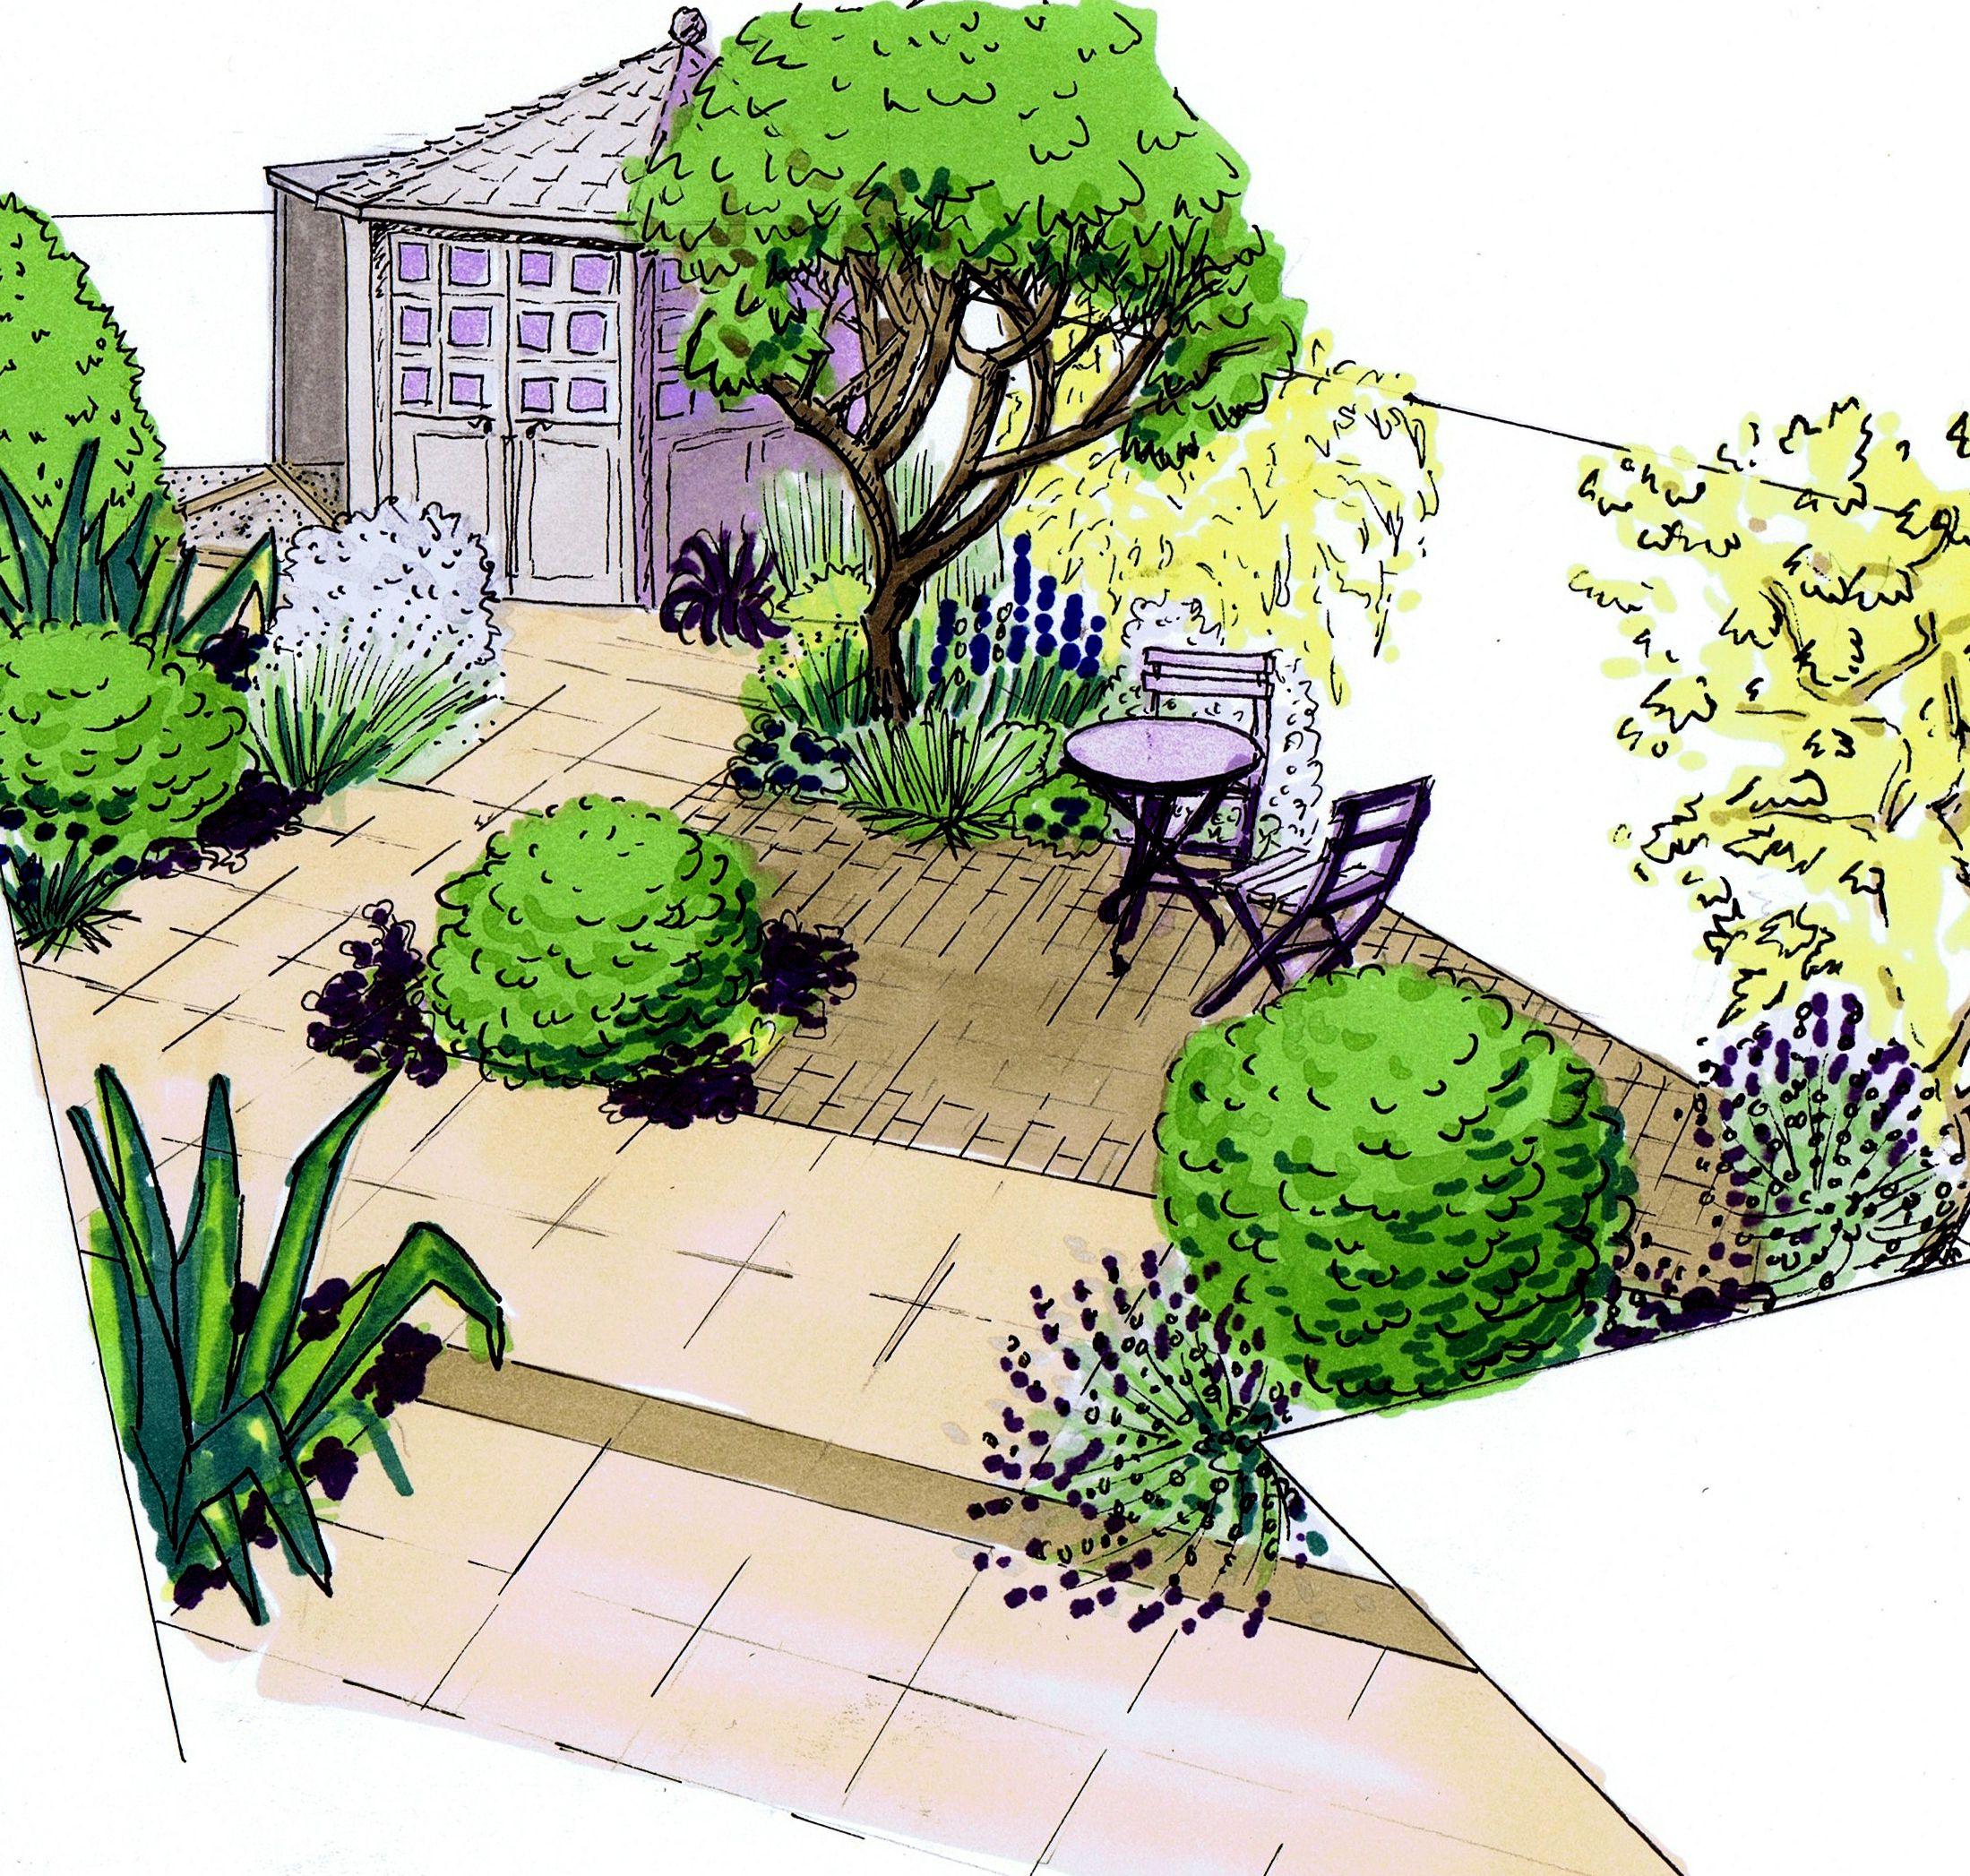 Design For A Small Town Garden